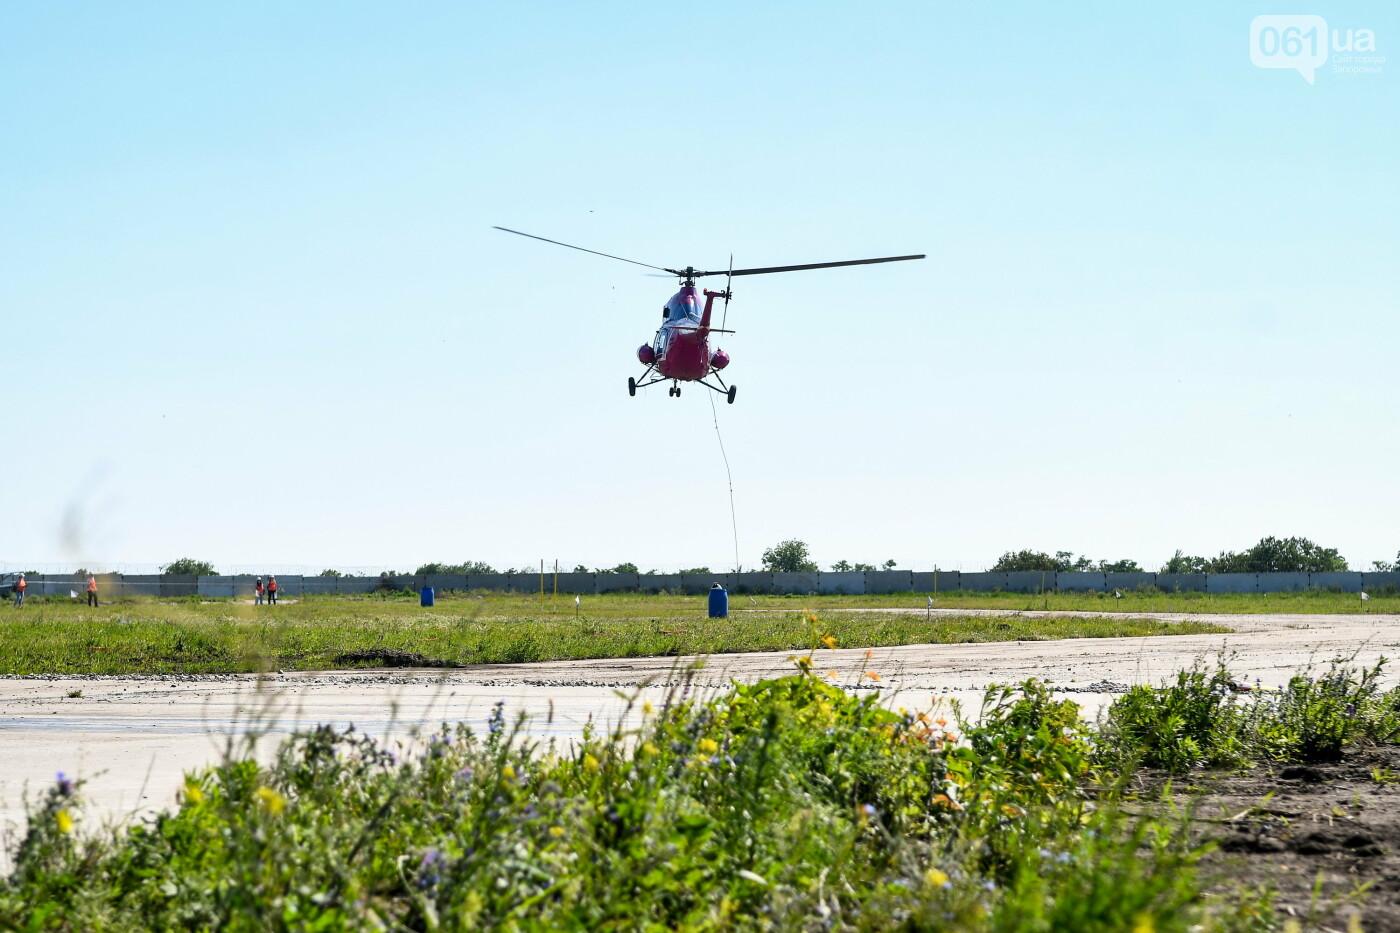 В Запорожье проходят соревнования по вертолетному спорту, - ФОТОРЕПОРТАЖ, фото-17